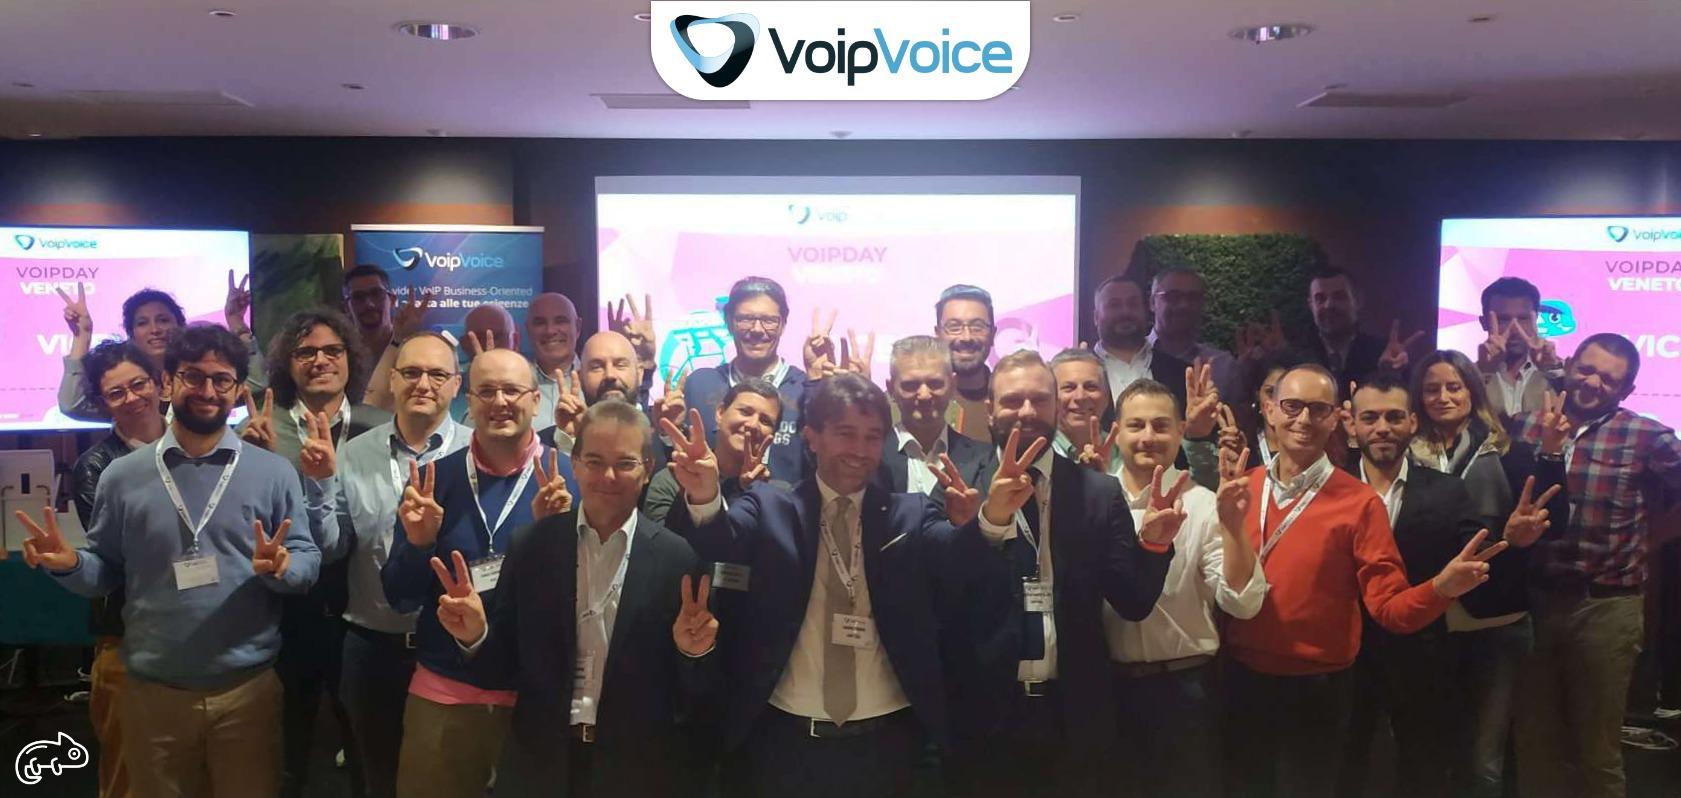 In Veneto per il VoipDay annuale!